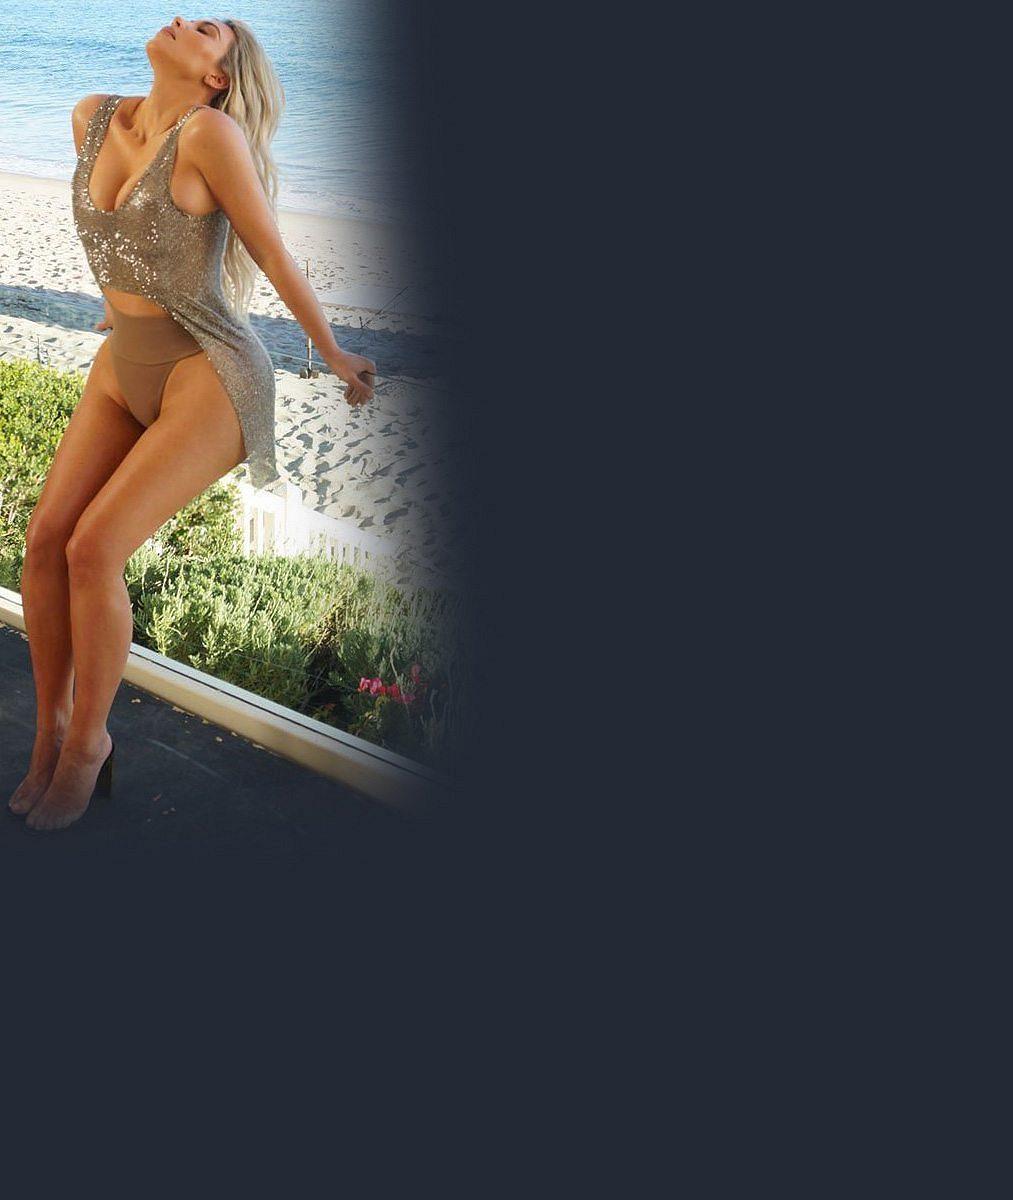 Kim Kardashian si třetí dítě pořídila bez těhotenství: Teď může hrdě vystavovat své sexy křivky na žhavých fotkách